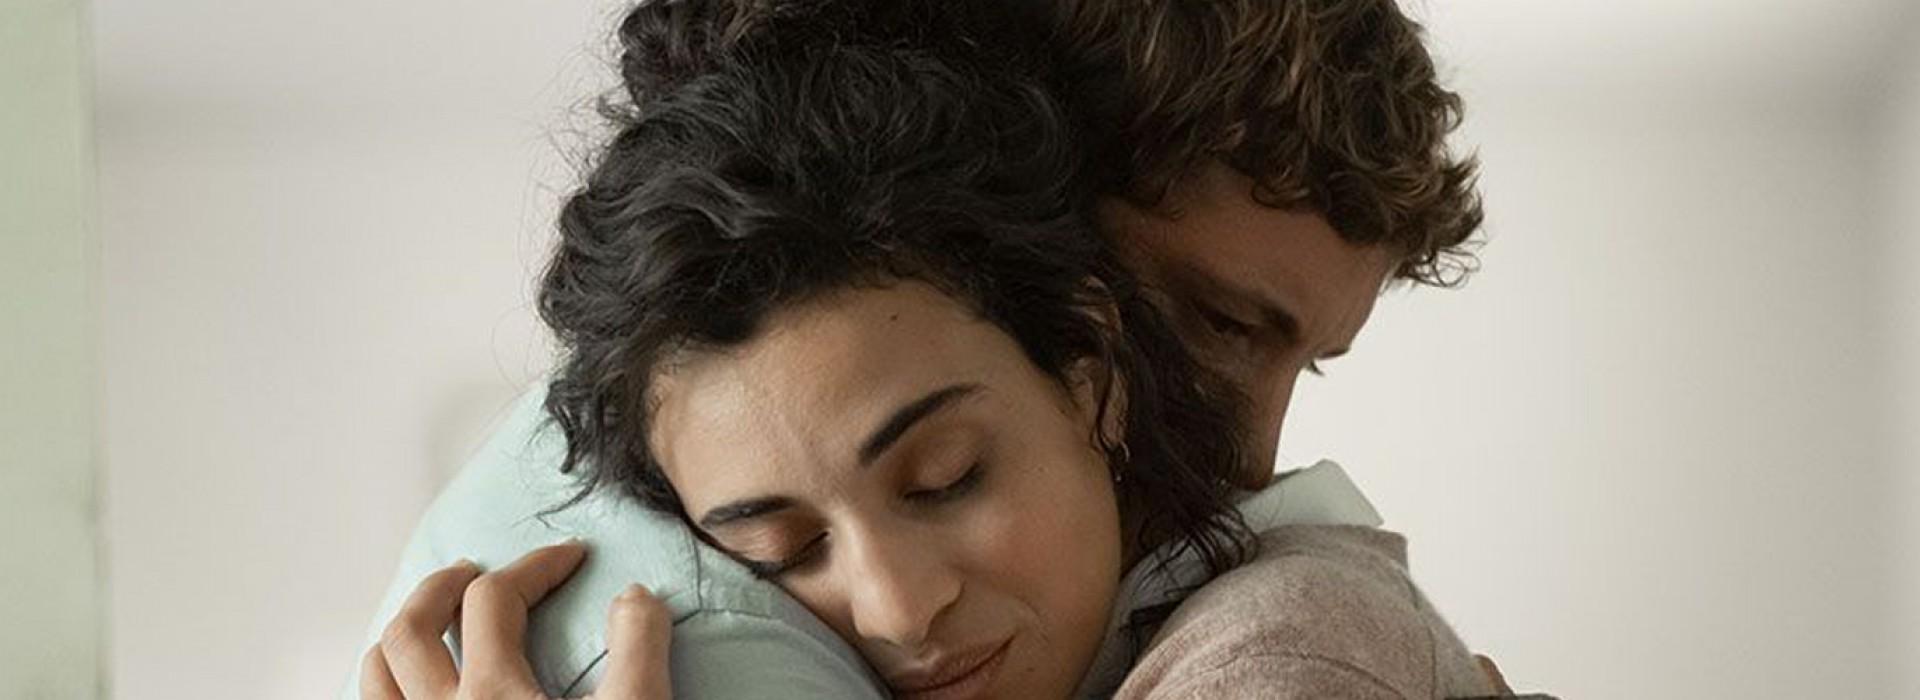 Les choses qu'on dit, les choses qu'on fait, un film de Emmanuel Mouret